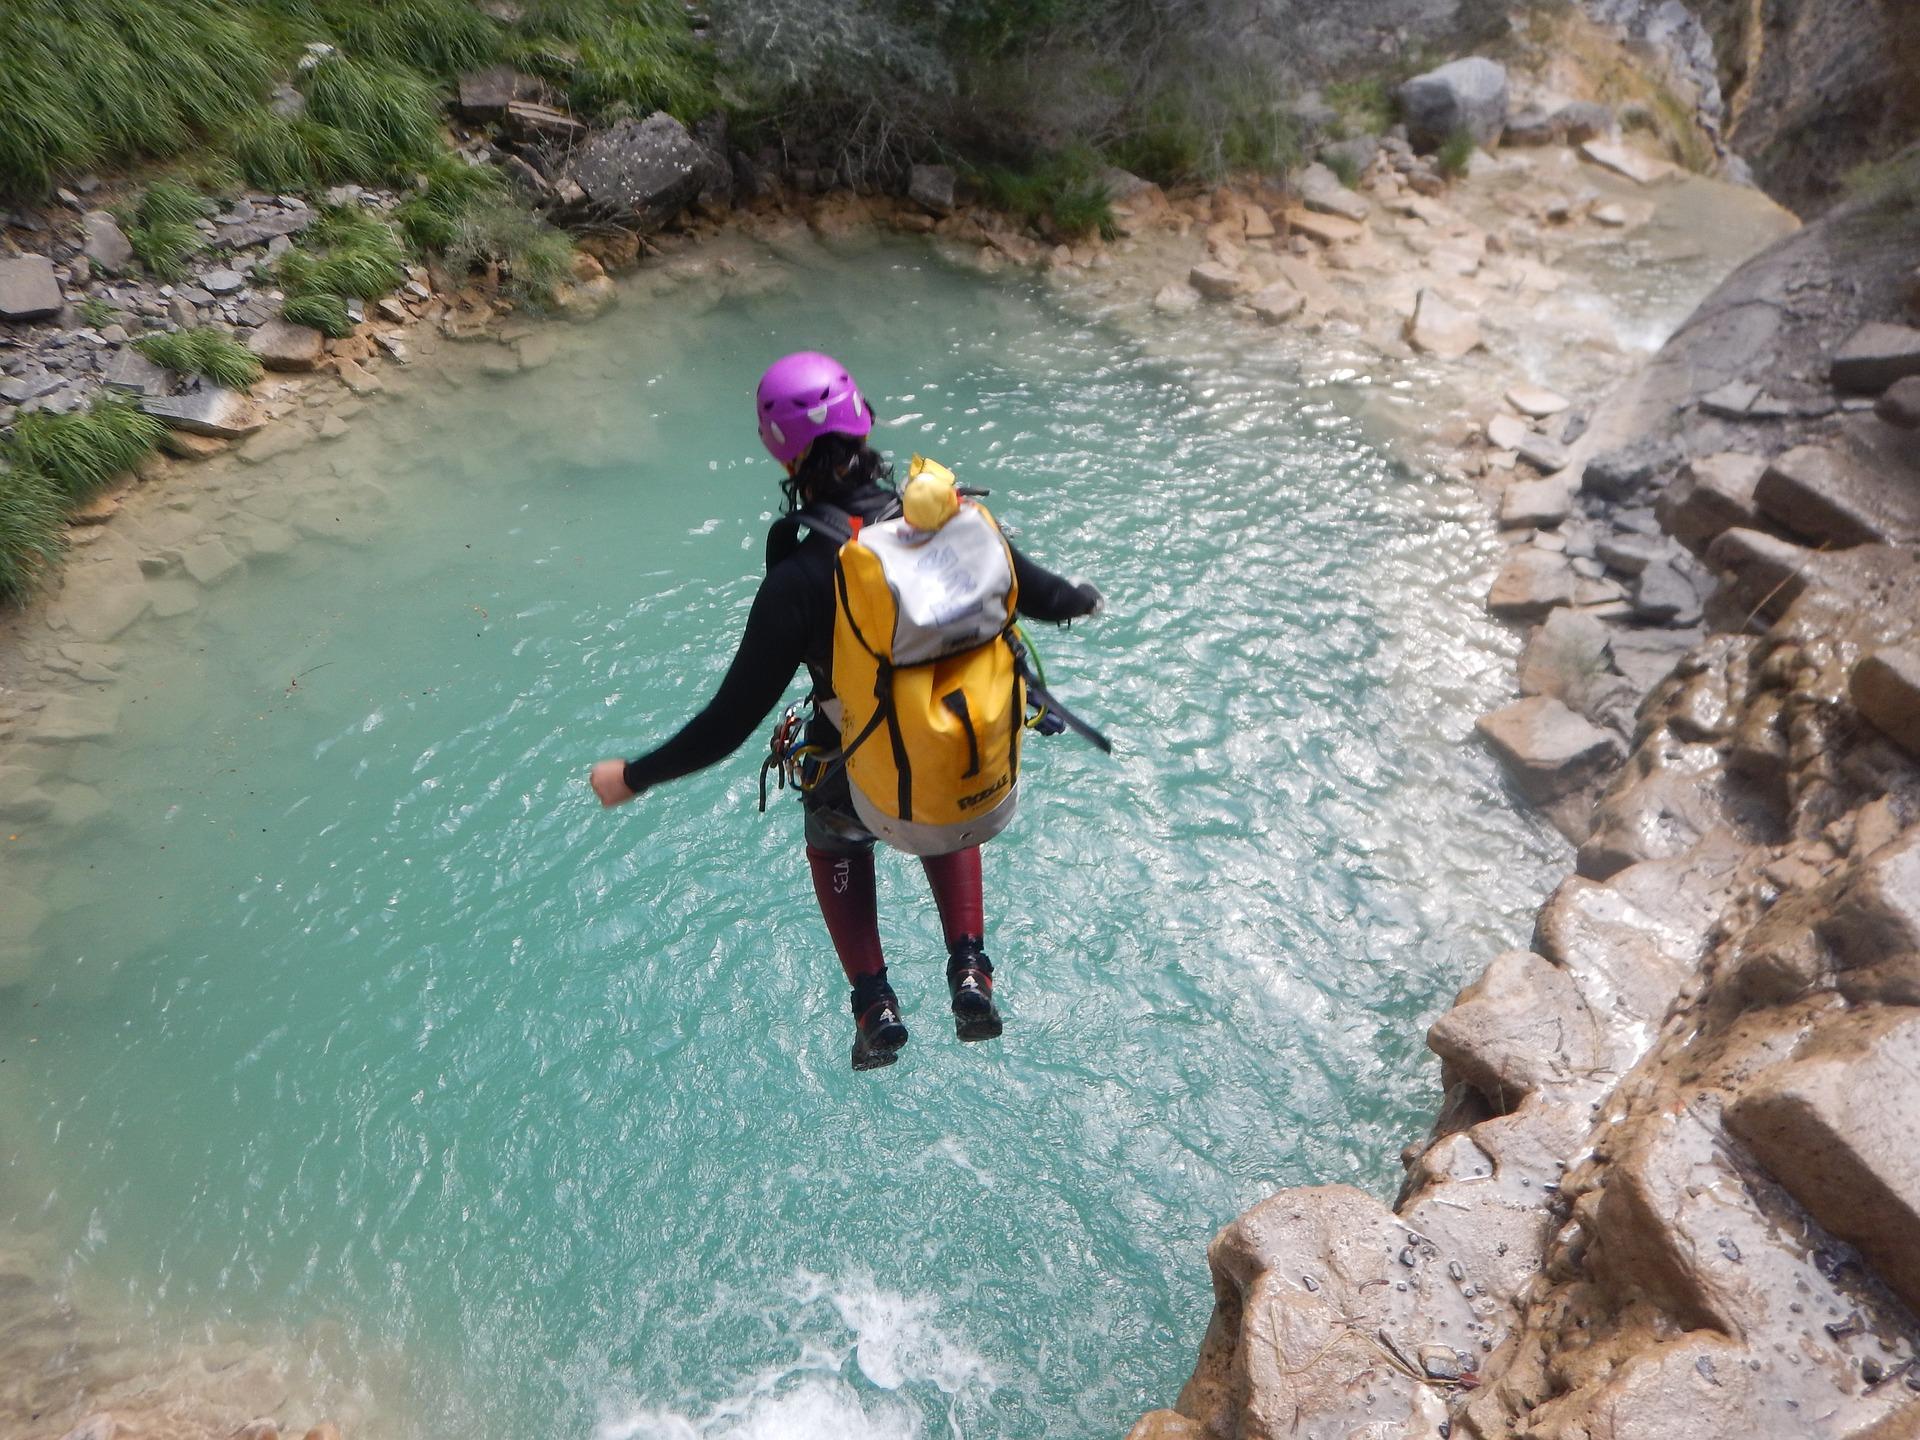 jump-1816417_1920